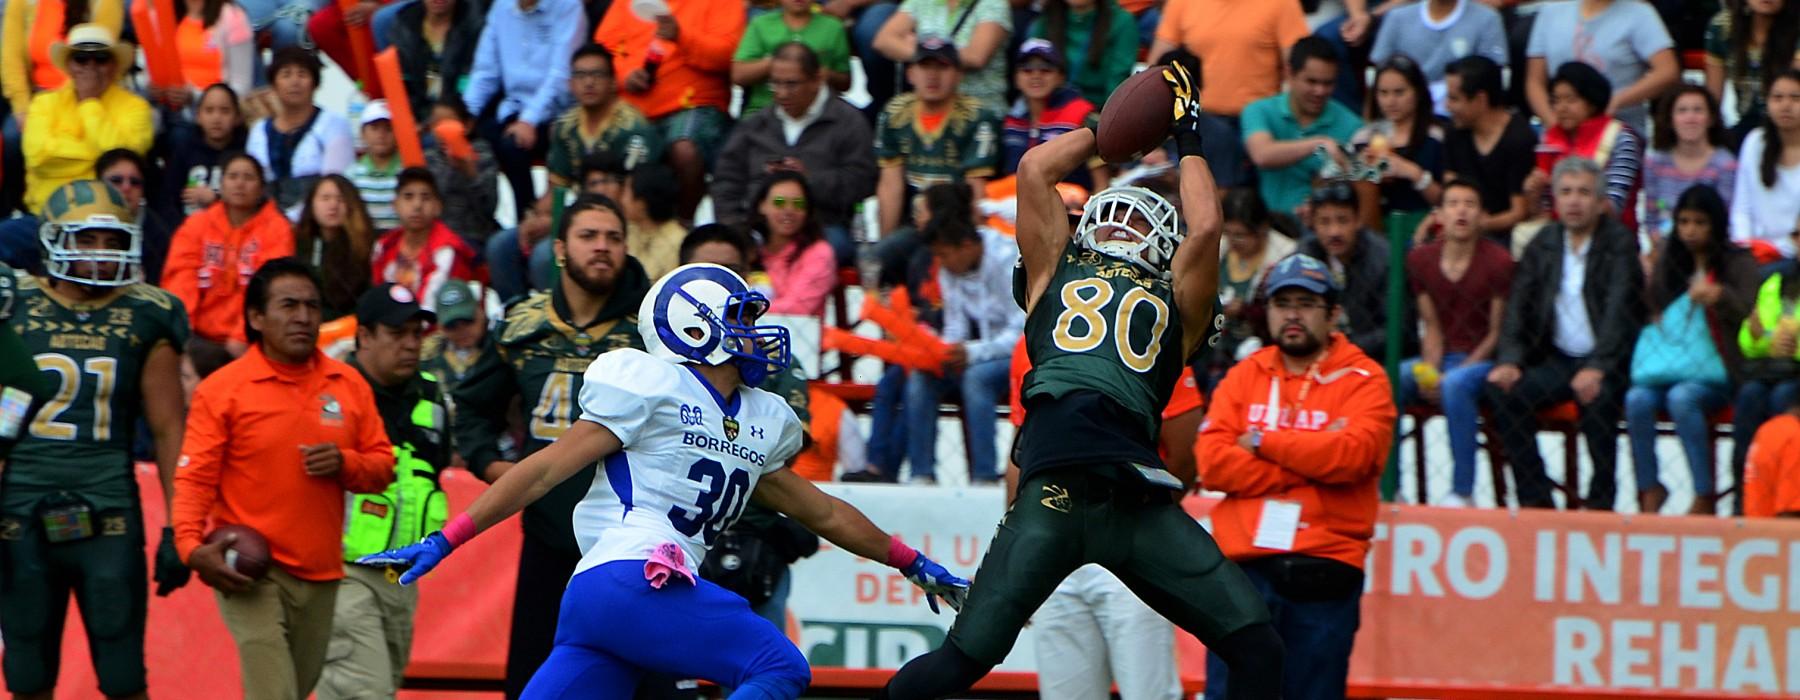 Aztecas vs Borregos Monterrey, partido de la semana 8 de la liga Premier de la CONADEIP.